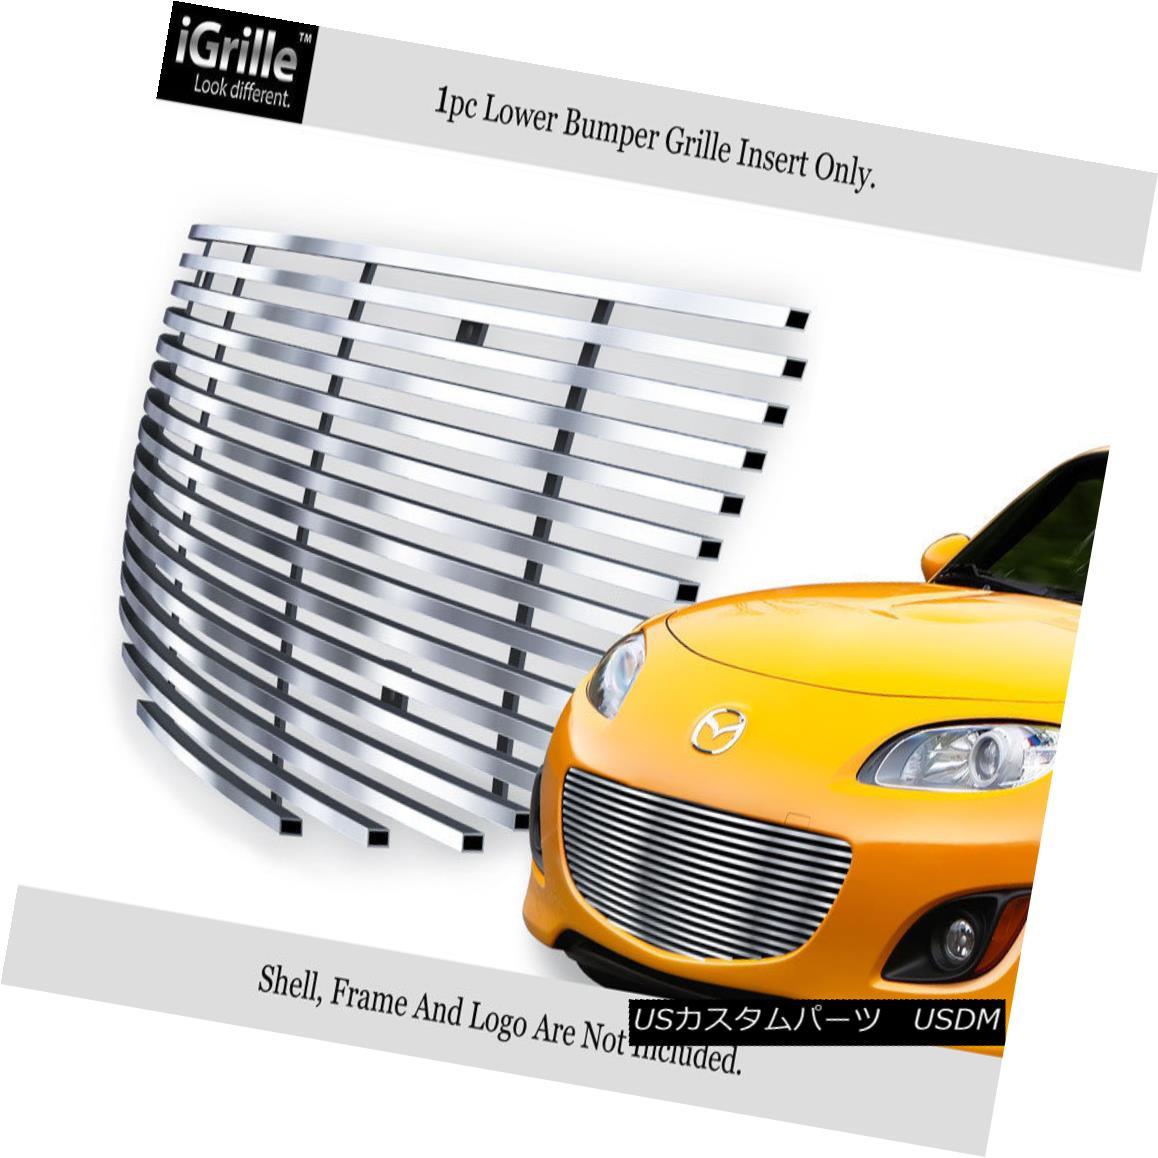 グリル Fits 2009-2012 Mazda MX-5 MX5 Miata Stainless Steel Billet Grille Grill Insert フィット2009-2012マツダMX - 5 MX5 Miataステンレス鋼ビレットグリルグリルインサート